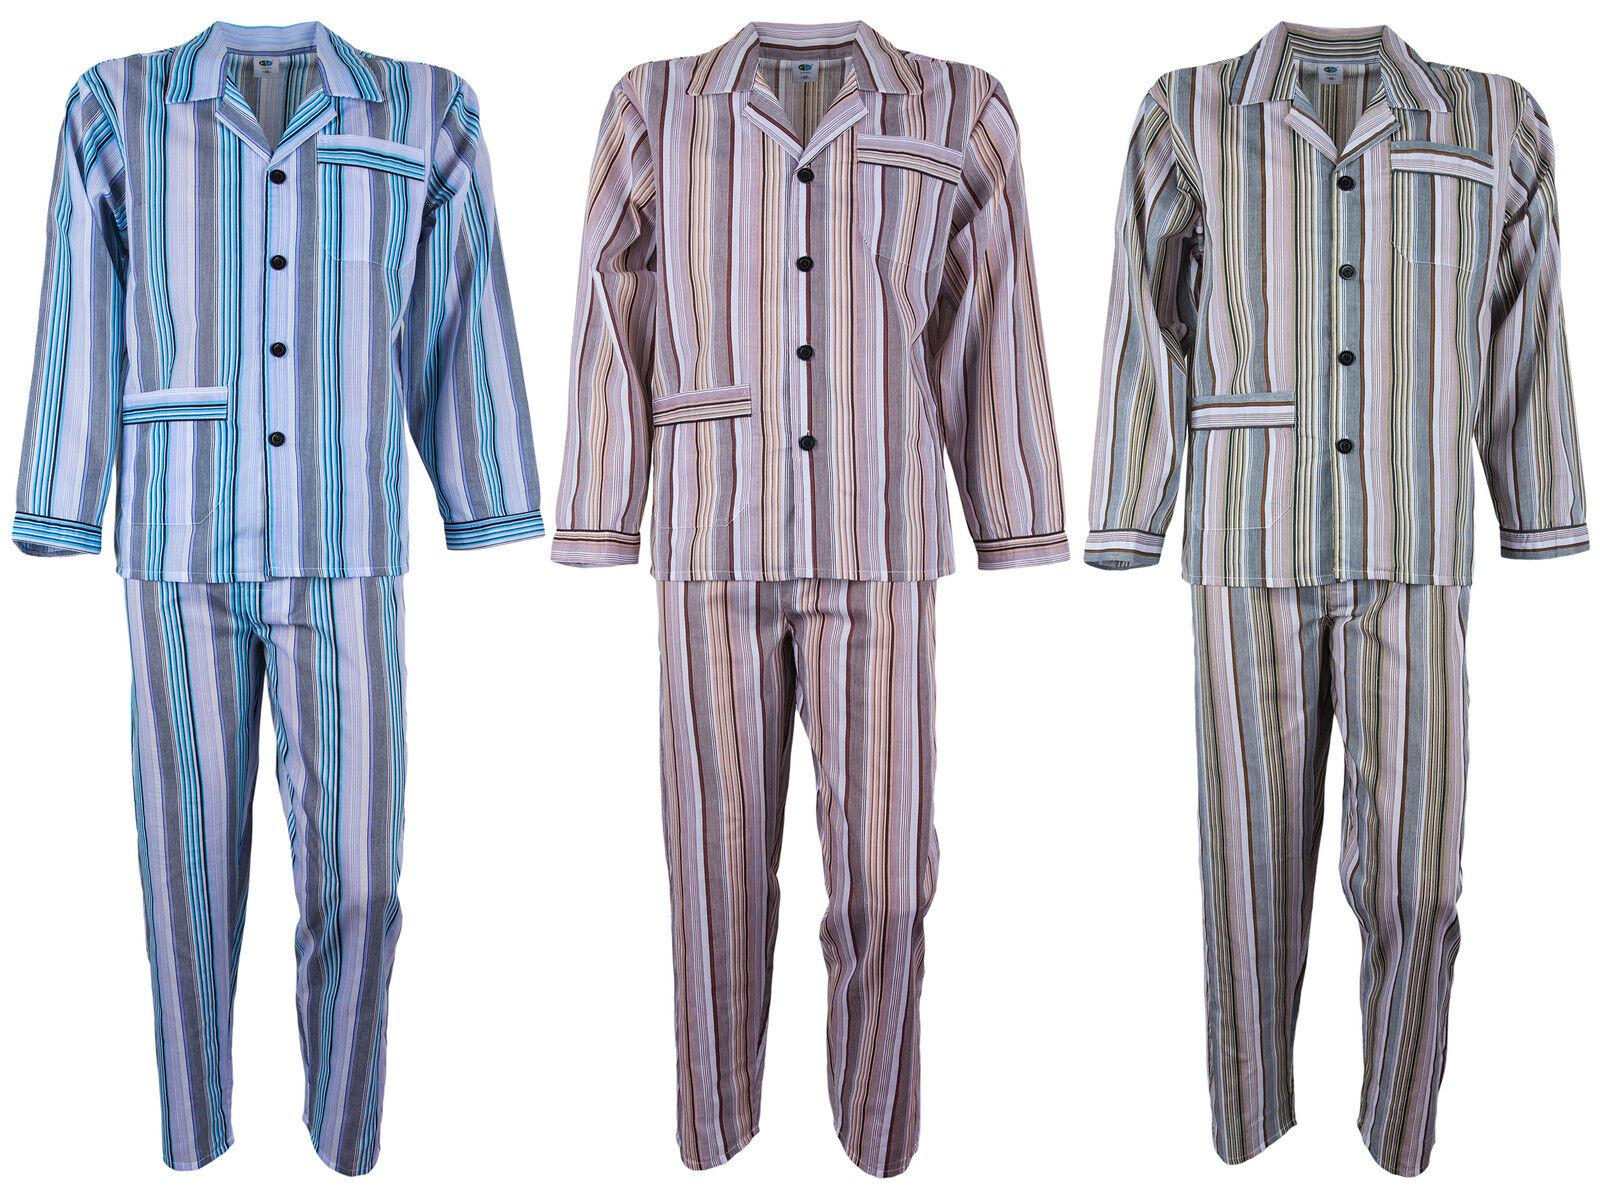 Herren Batist Pyjama gestreift von SOUNON® - 3 Farben (Gr. 48 bis Gr. 60)